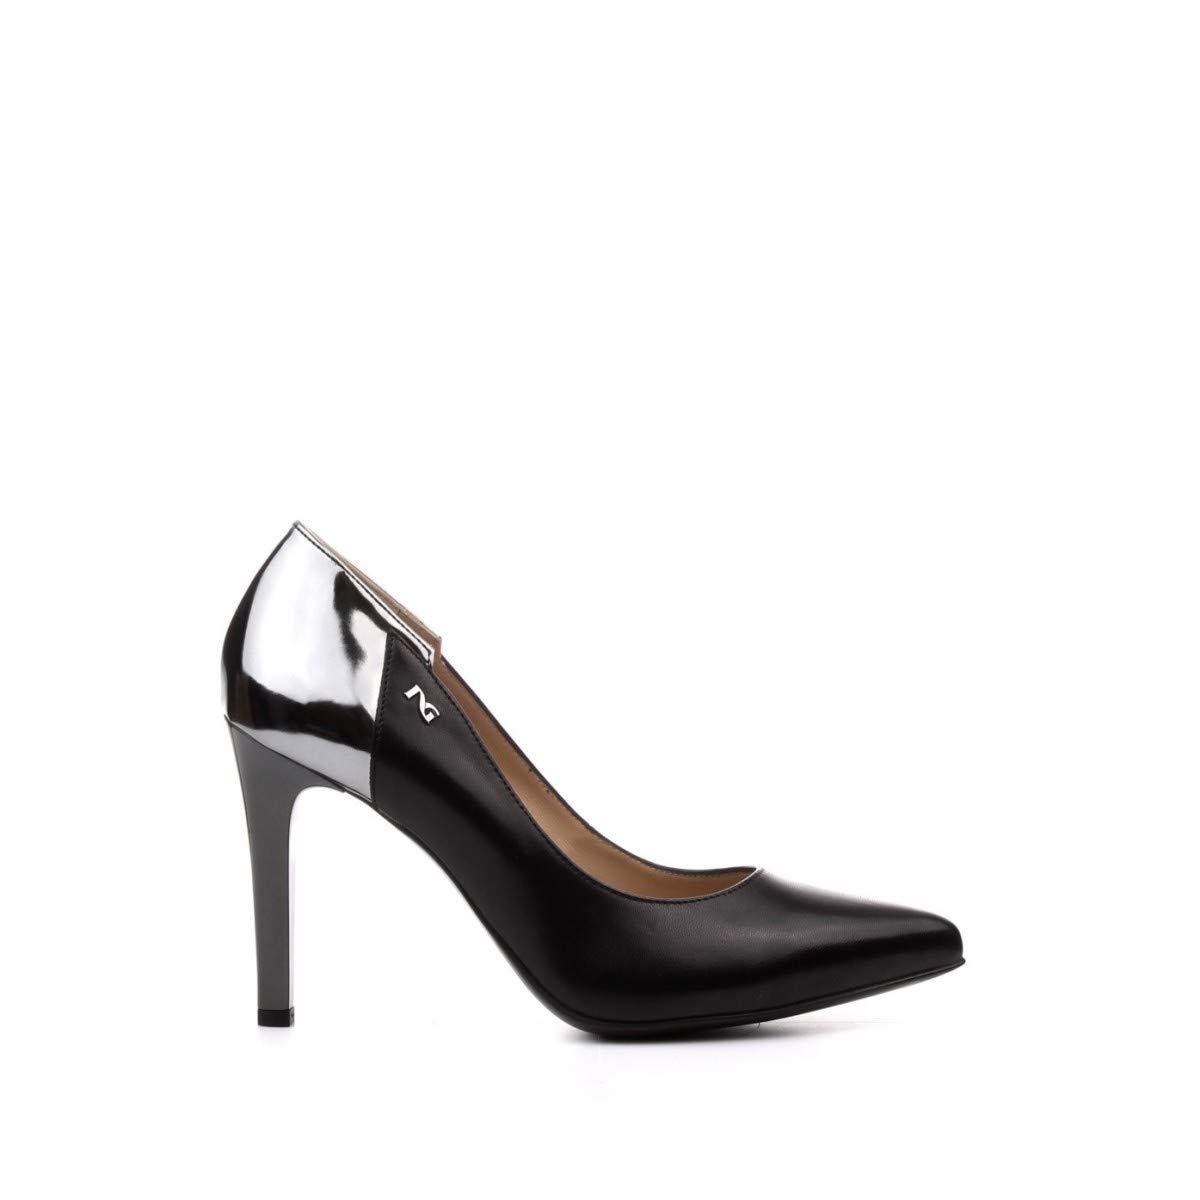 DECOLT NEROGIARDINI A909340DE100 A909340 9340 Zapatos DE Mujer EN Cuero Negro